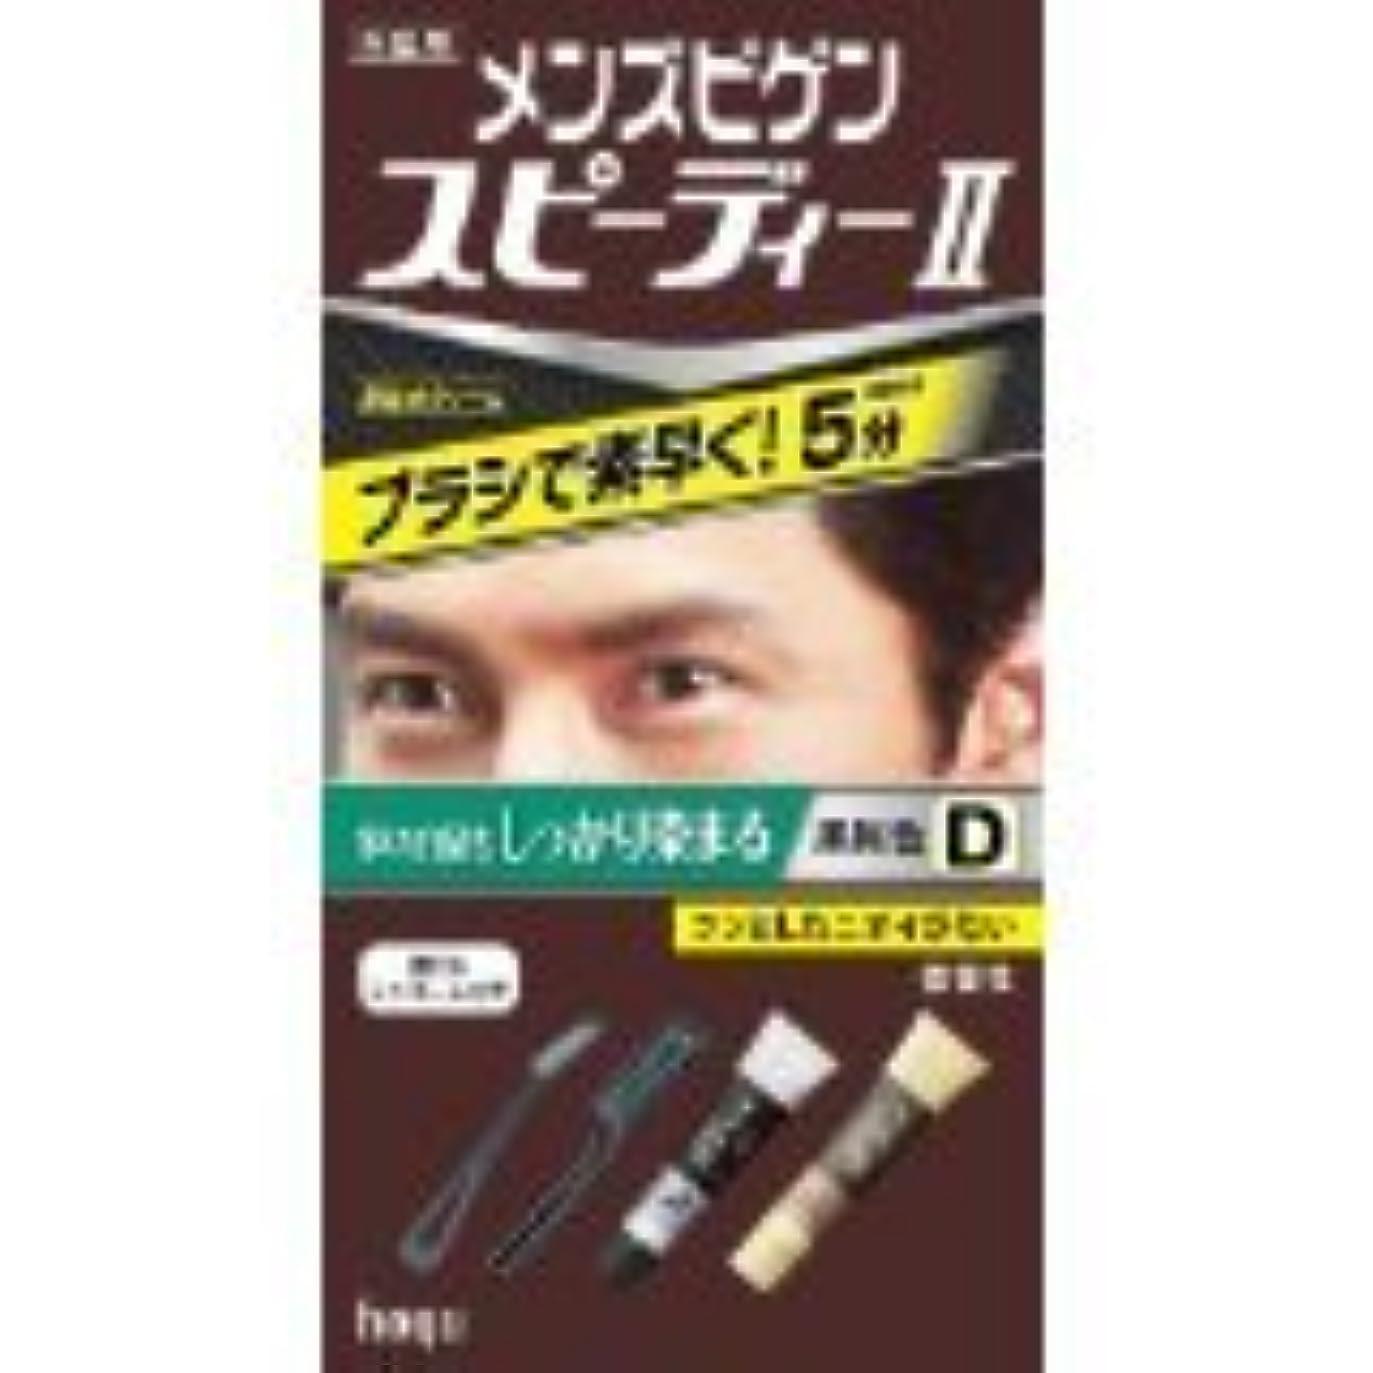 宣伝人気のスピーチメンズビゲン スピーディーⅡ (D 黒褐色)×12個